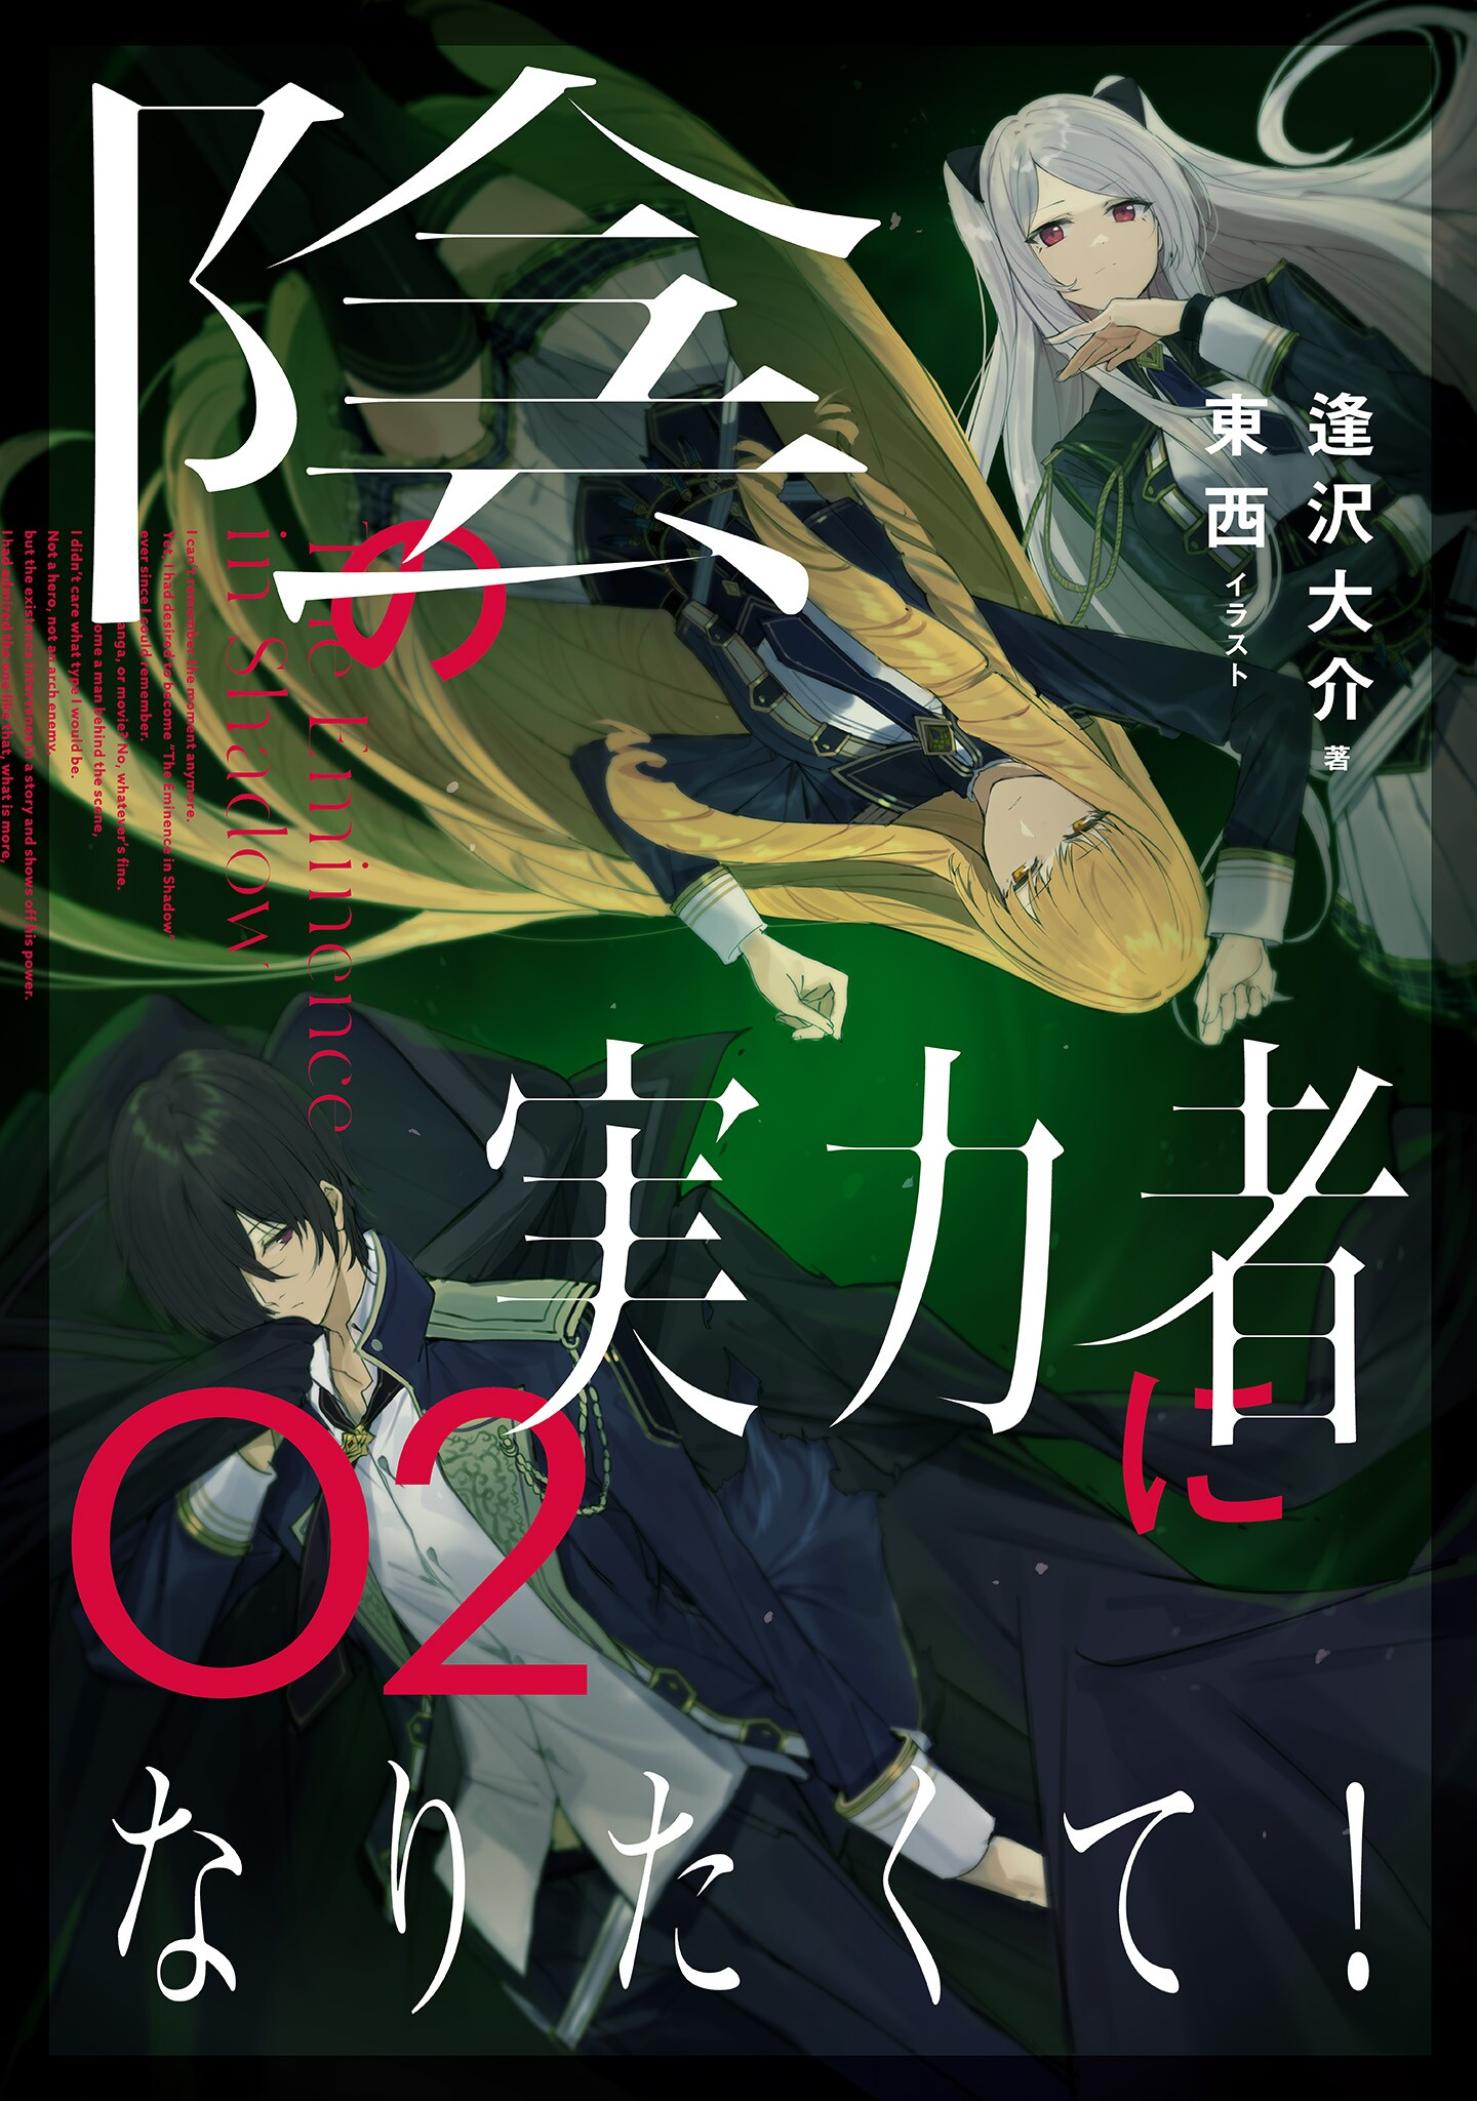 Kage no Jitsuryokusha ni Naritakute Volume 2